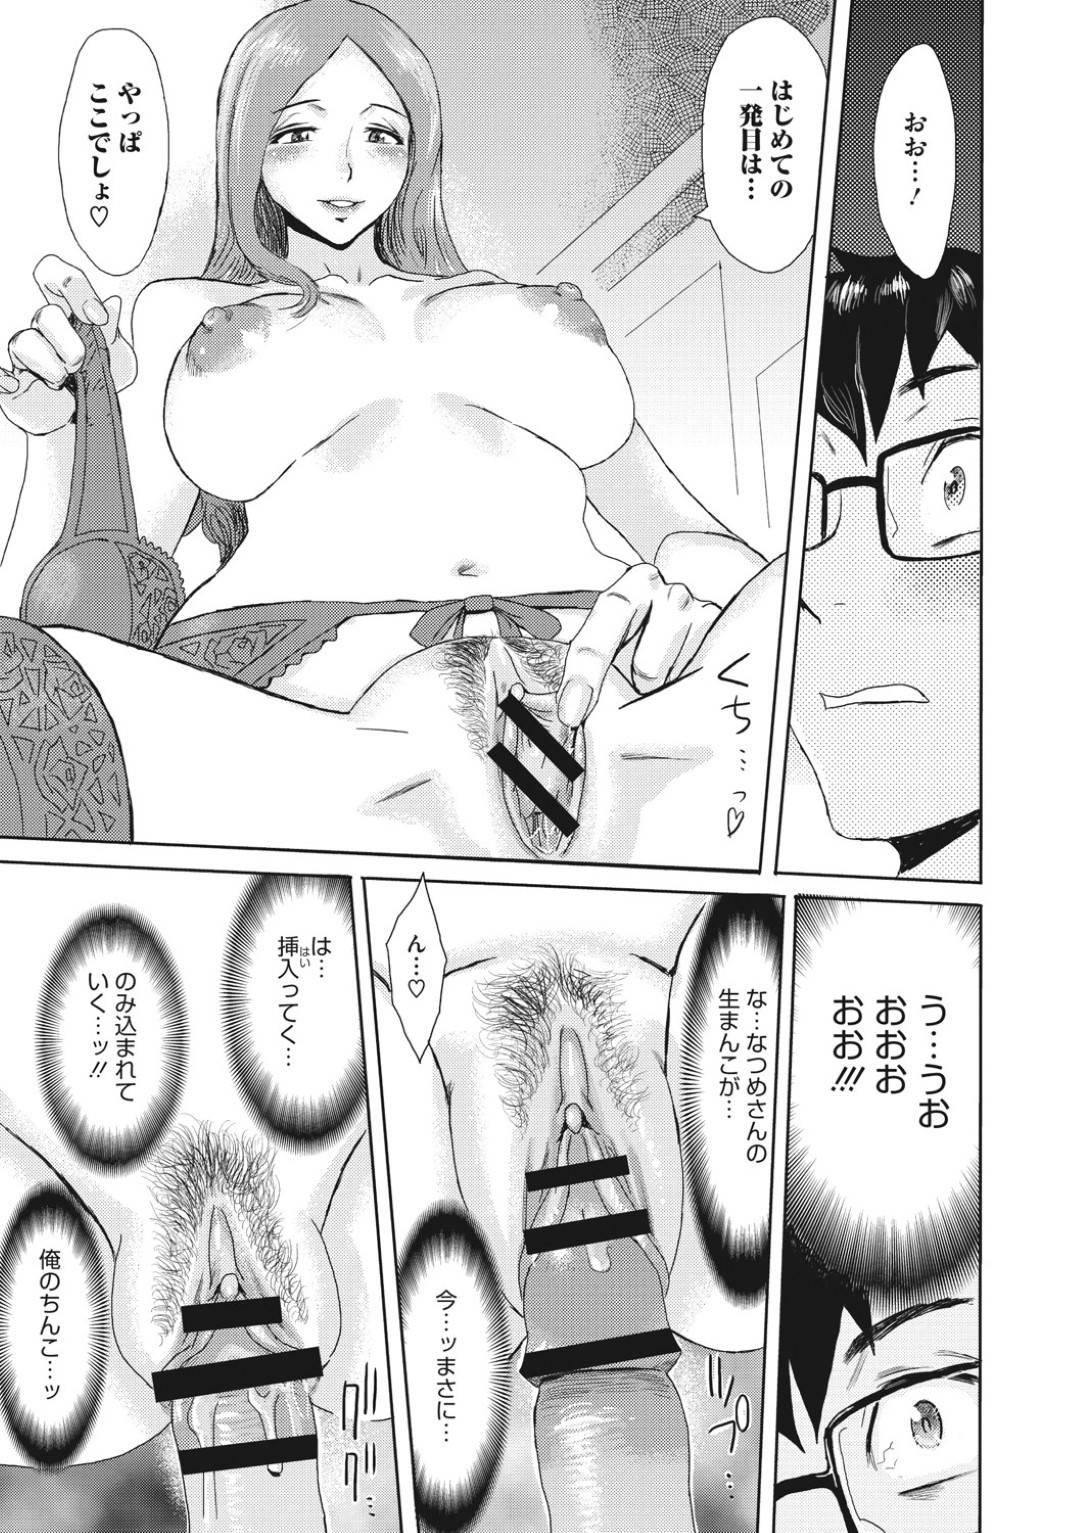 【エロ漫画】向かいの男性に覗かれている巨乳美人人妻…そしてその男性の家に乗り込み自ら服を脱いで挑発!童貞に女の悦ばせ方を叩き込む!【黒岩瑪瑙】